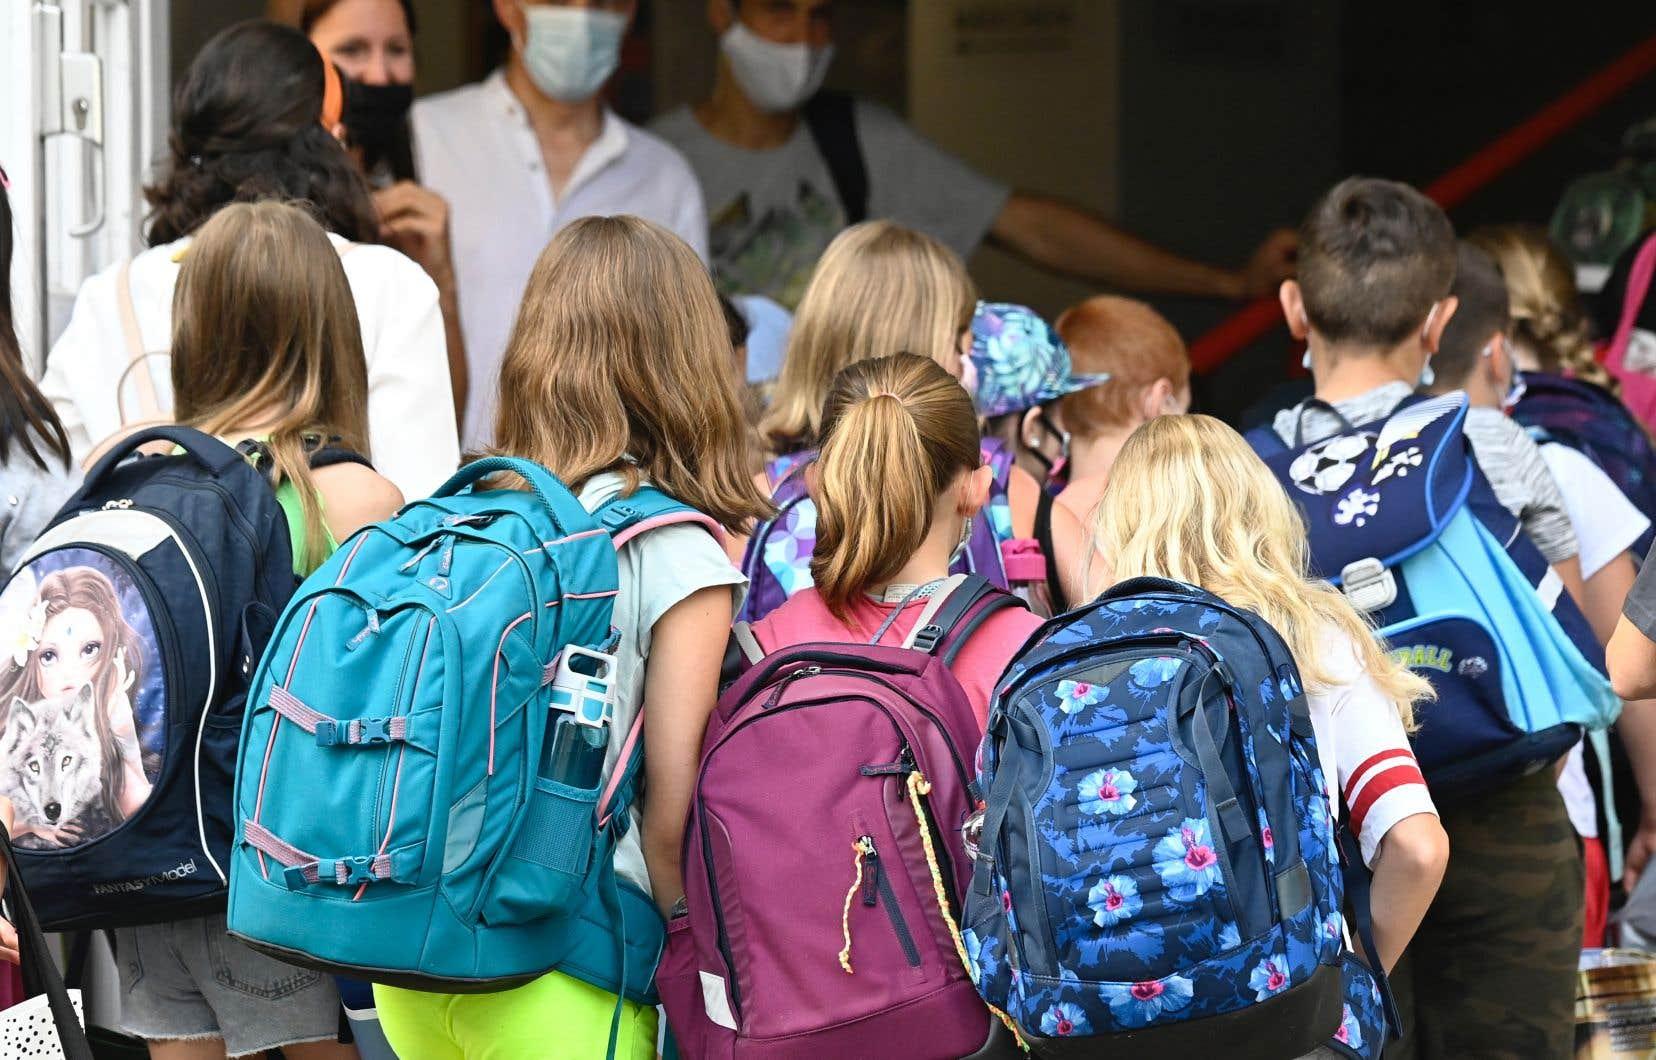 Le 10août dernier, le ministre Roberge a dévoilé son plan pour la prochaine rentrée dans les écoles de la province.